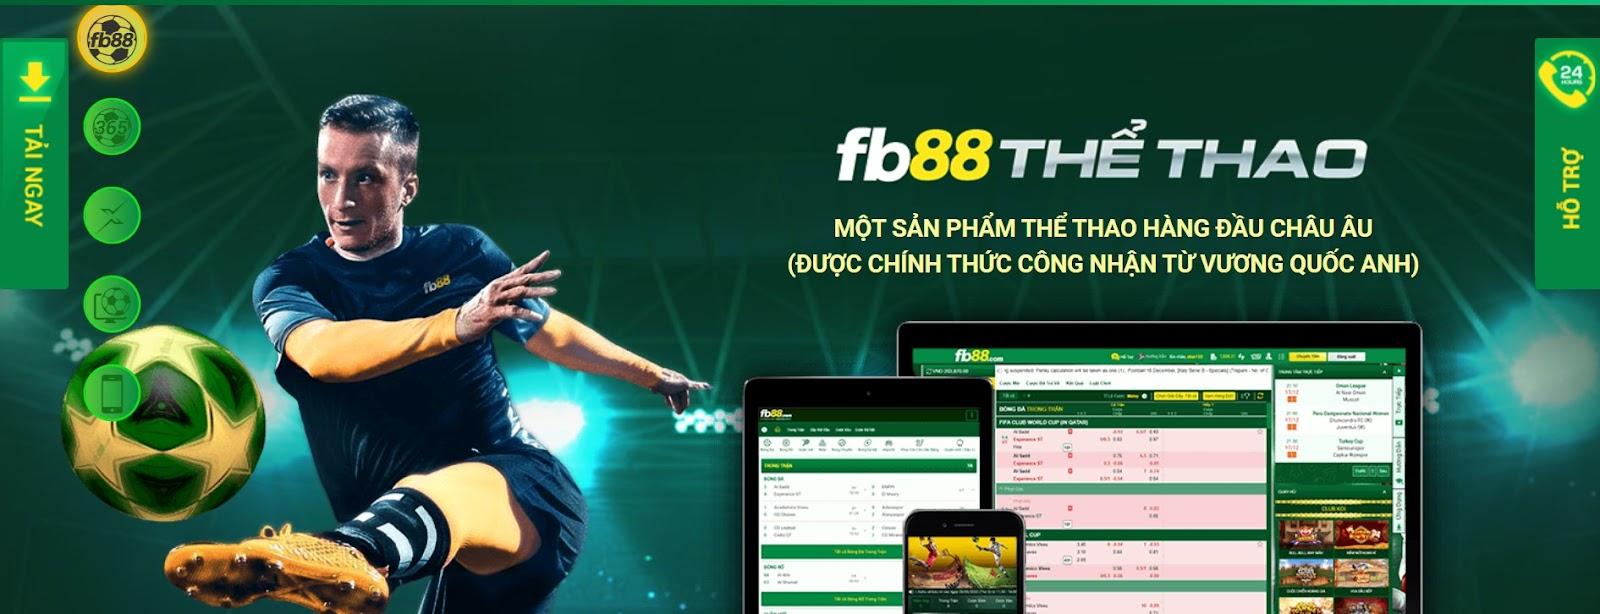 Nhà cái FB88 | Lixi88 | Lixi88vn